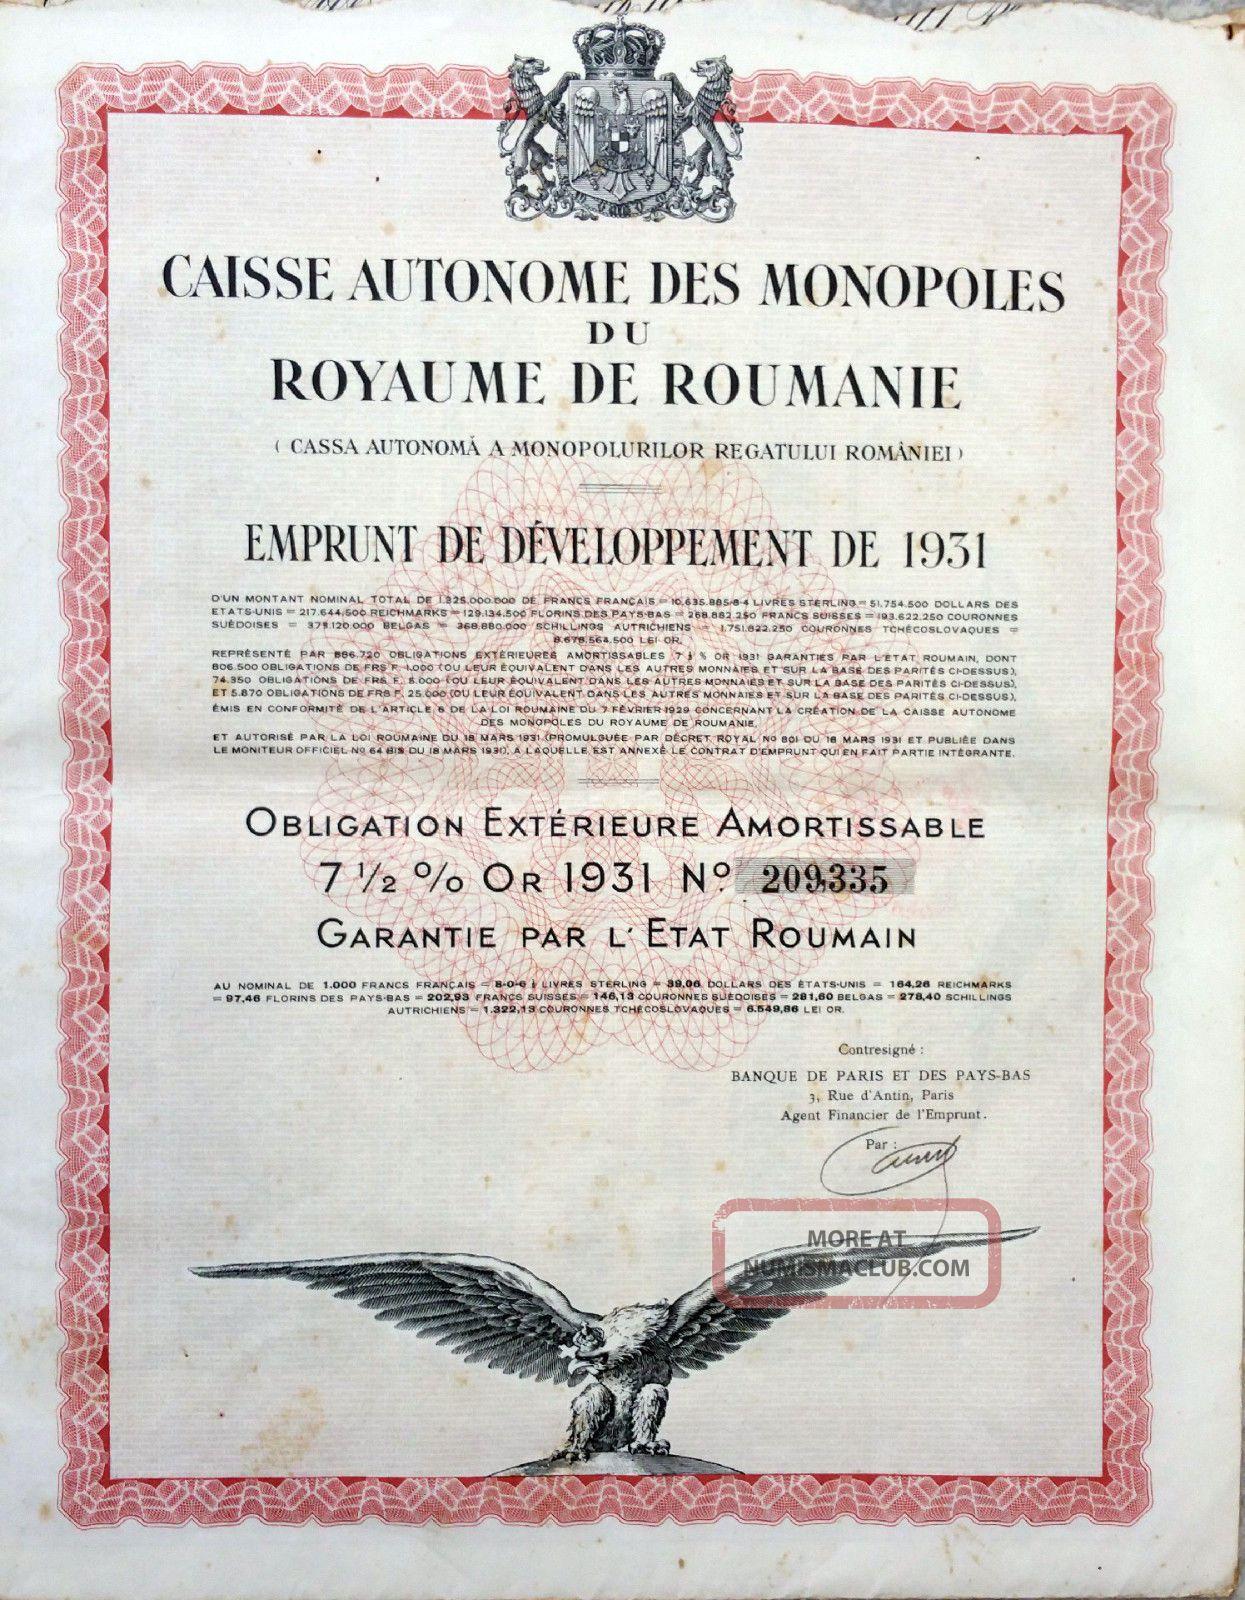 Romania 1931 - Caisse Autonome Des Monopoles Du Royaume De Roumanie - Bond 7 Or Stocks & Bonds, Scripophily photo